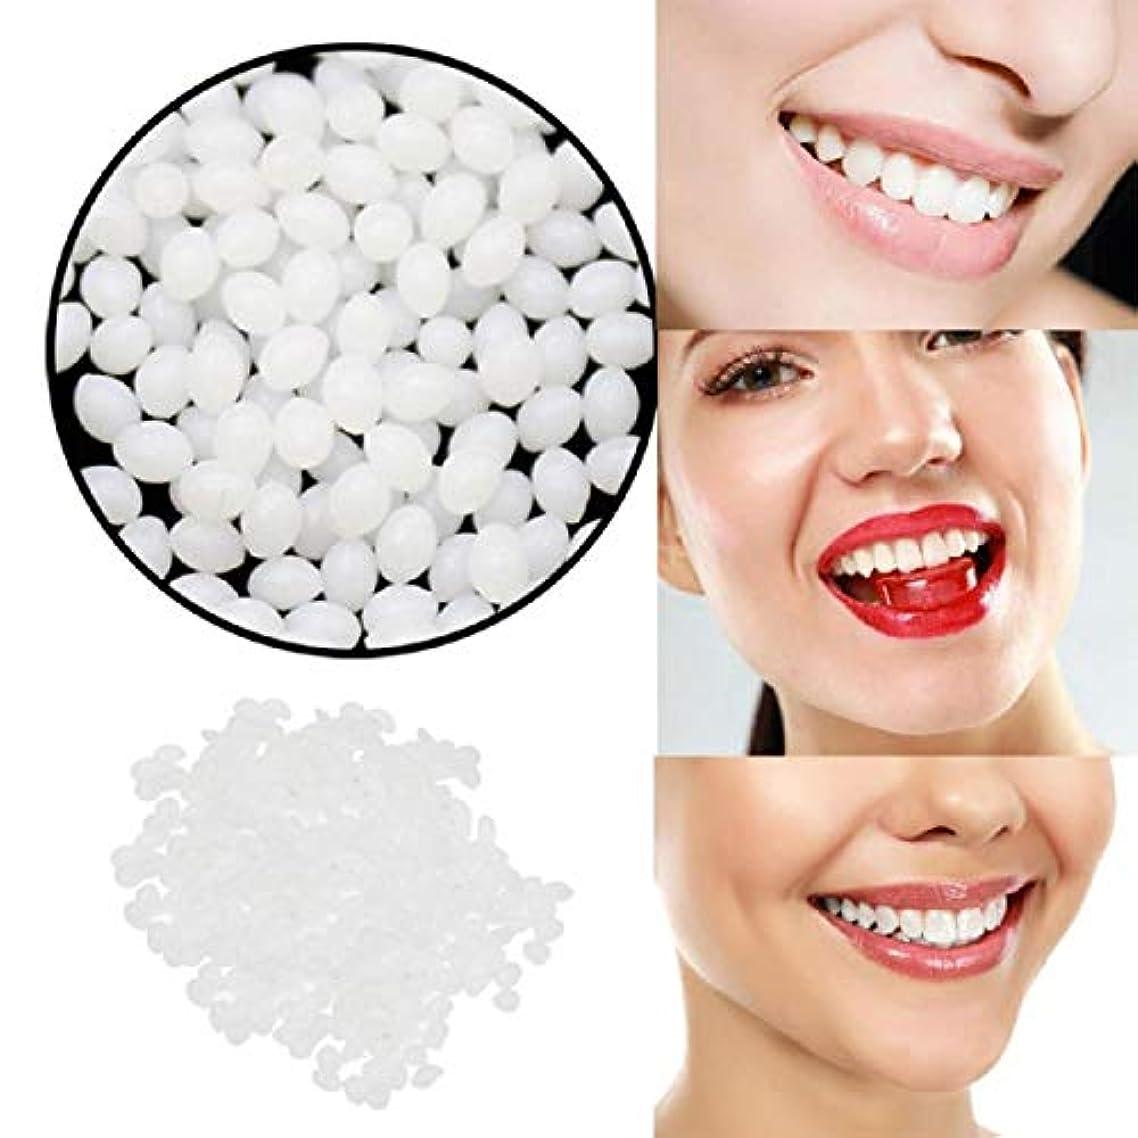 宣言するメーター自己Barlingrock一時的な歯の修理歯キットとギャップ 固体接着剤ホワイト義歯接着ツール用女性